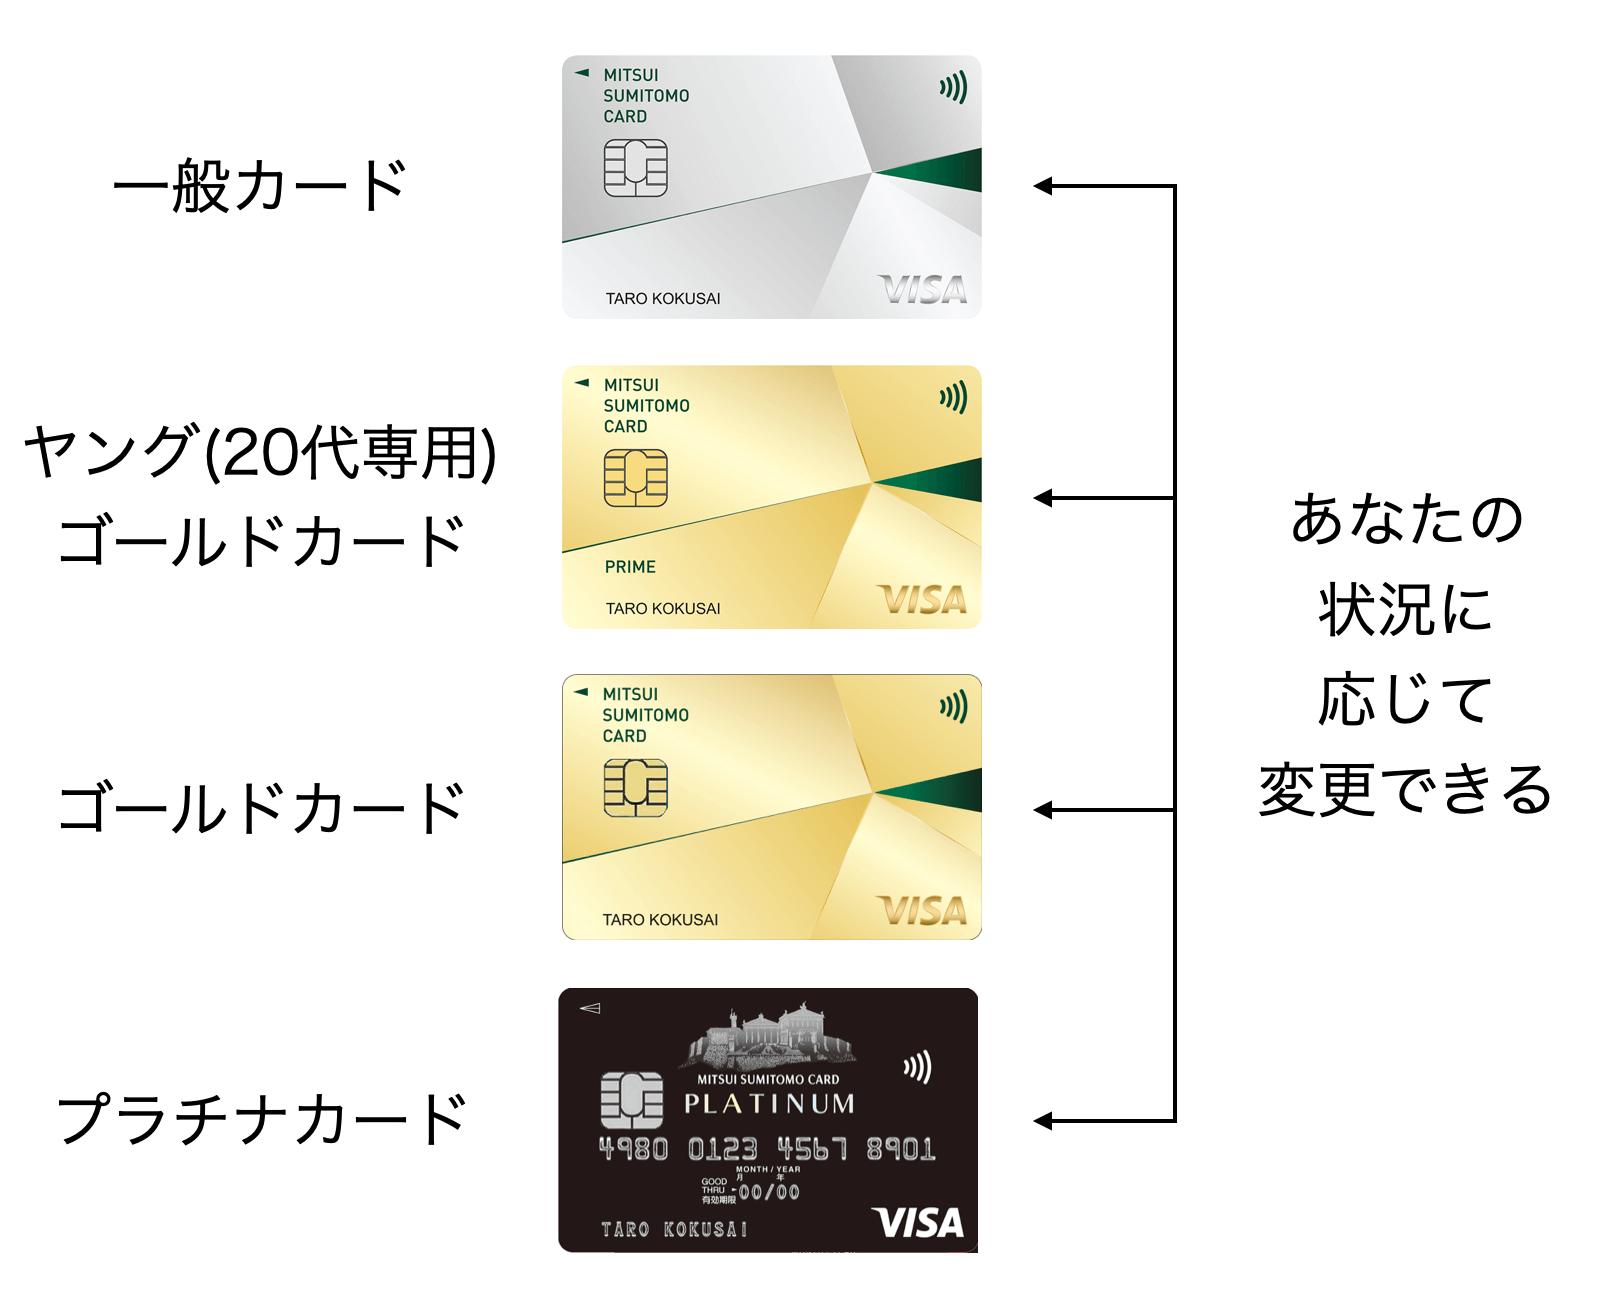 三井住友カードのグレード変更